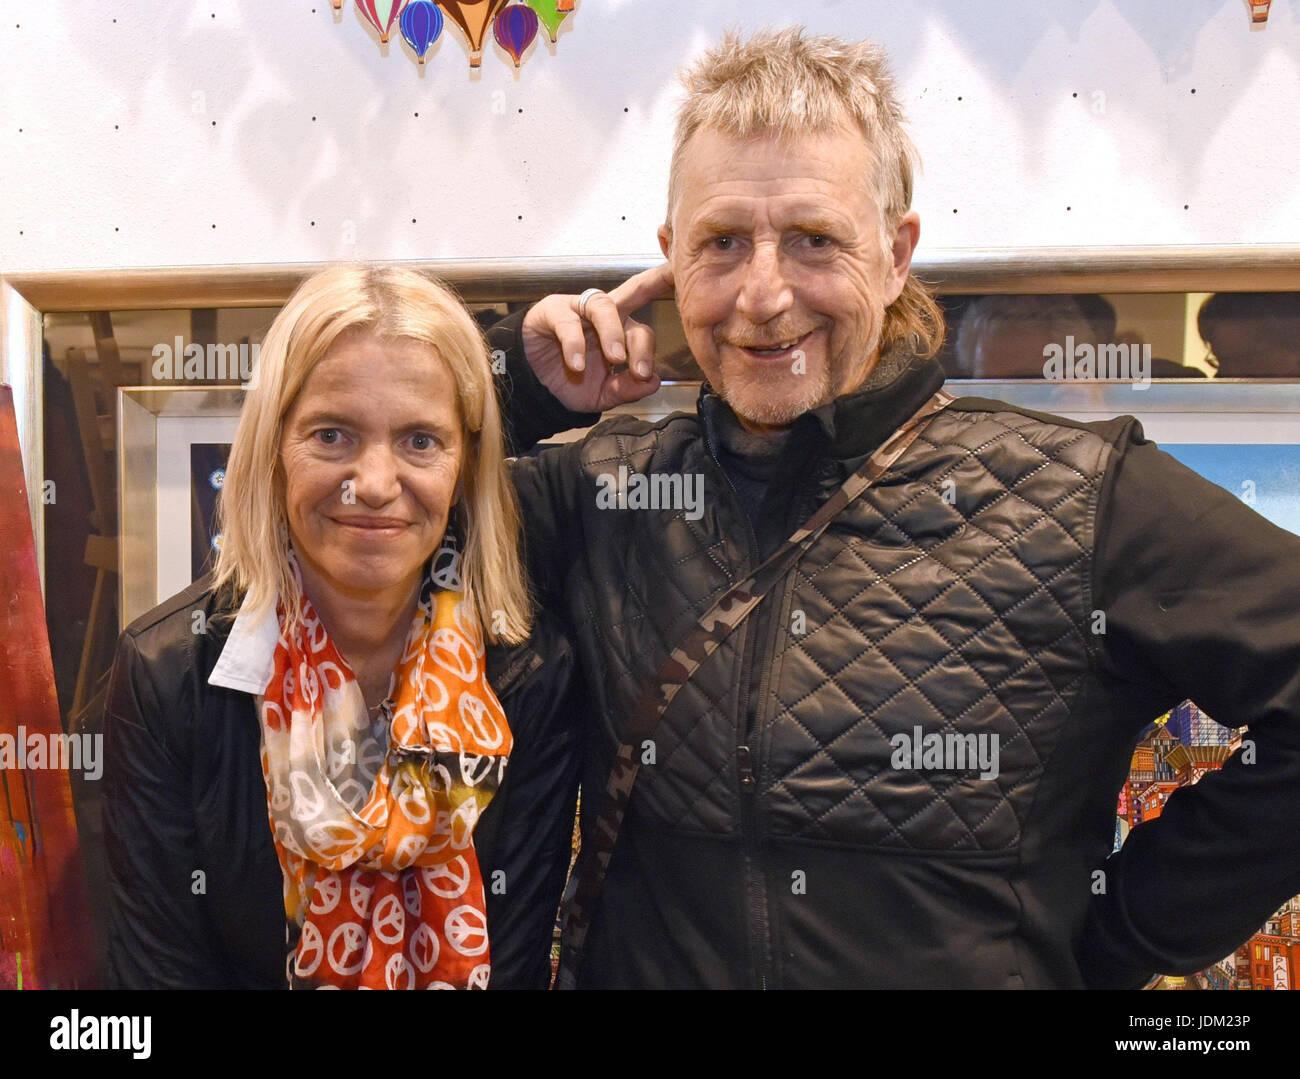 ARCHIV - Der Schauspieler Martin Semmelrogge und seine Frau Sonja stehen am 15.01.2017 in Düsseldorf (Nordrhein - Stock Image